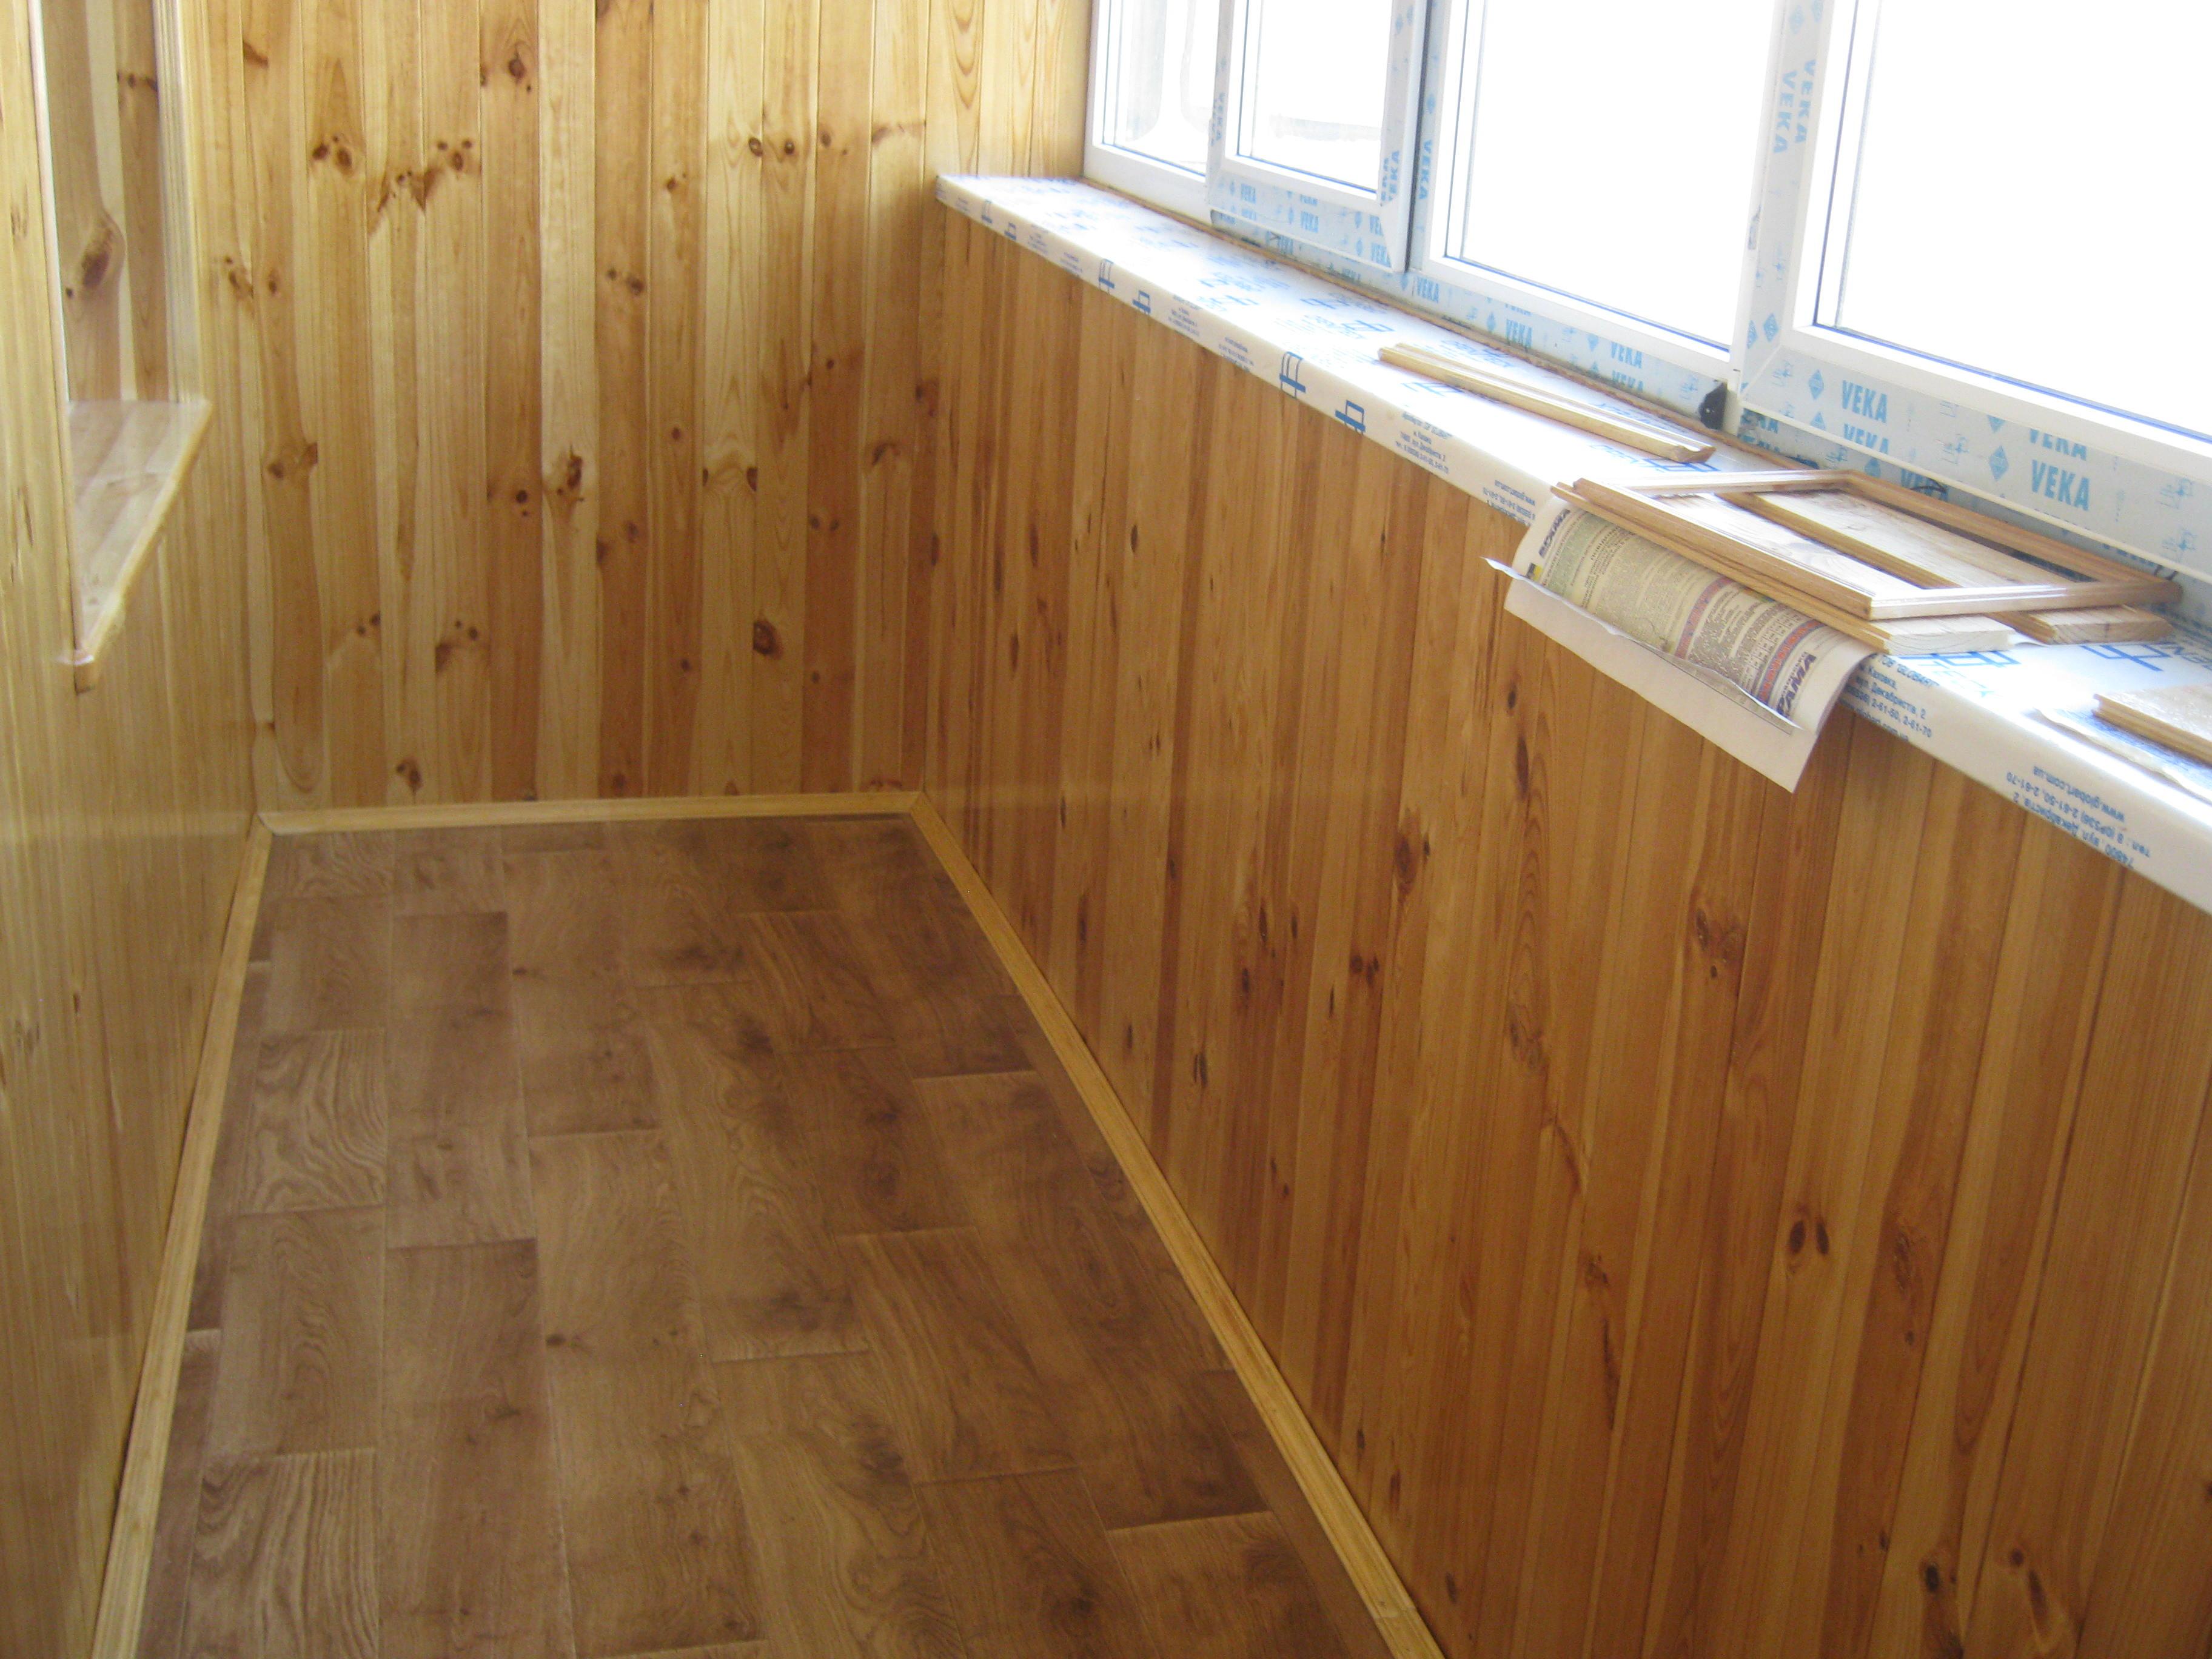 Обшивка балкона внутри деревЯной вагонкой.